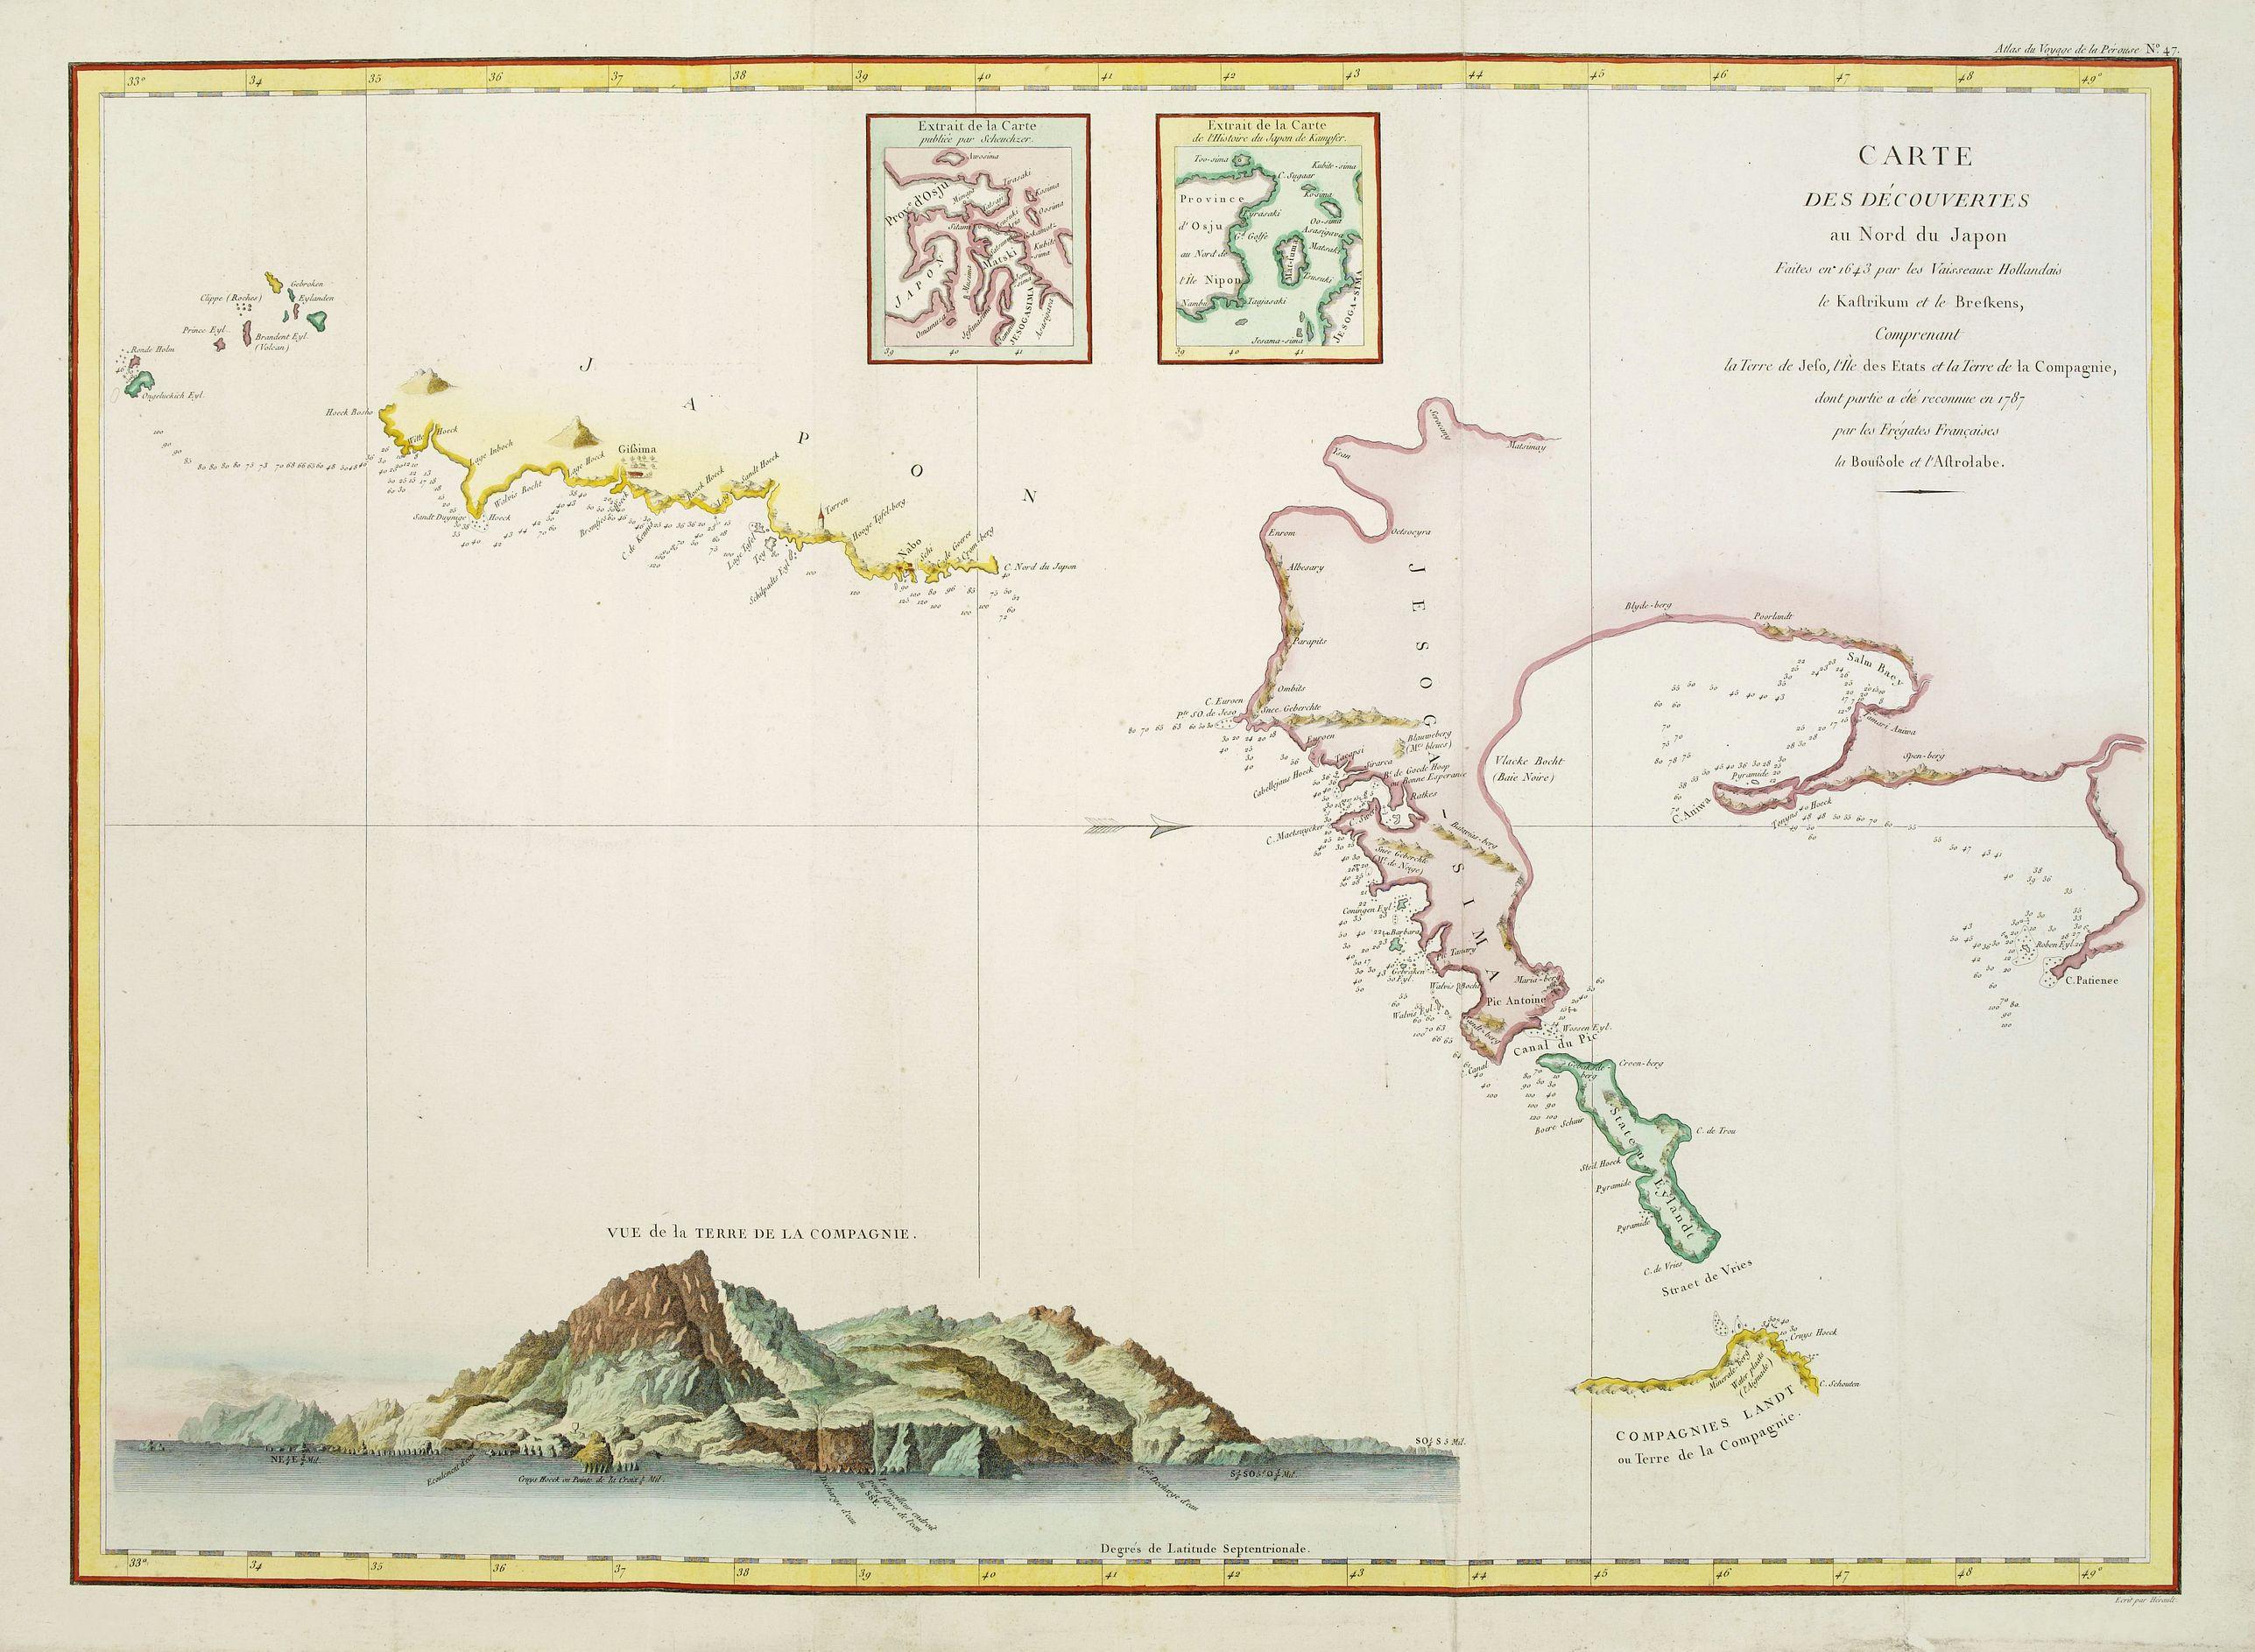 LA PEROUSE, J.F.G. -  Carte des découvertes au Nord du Japon.